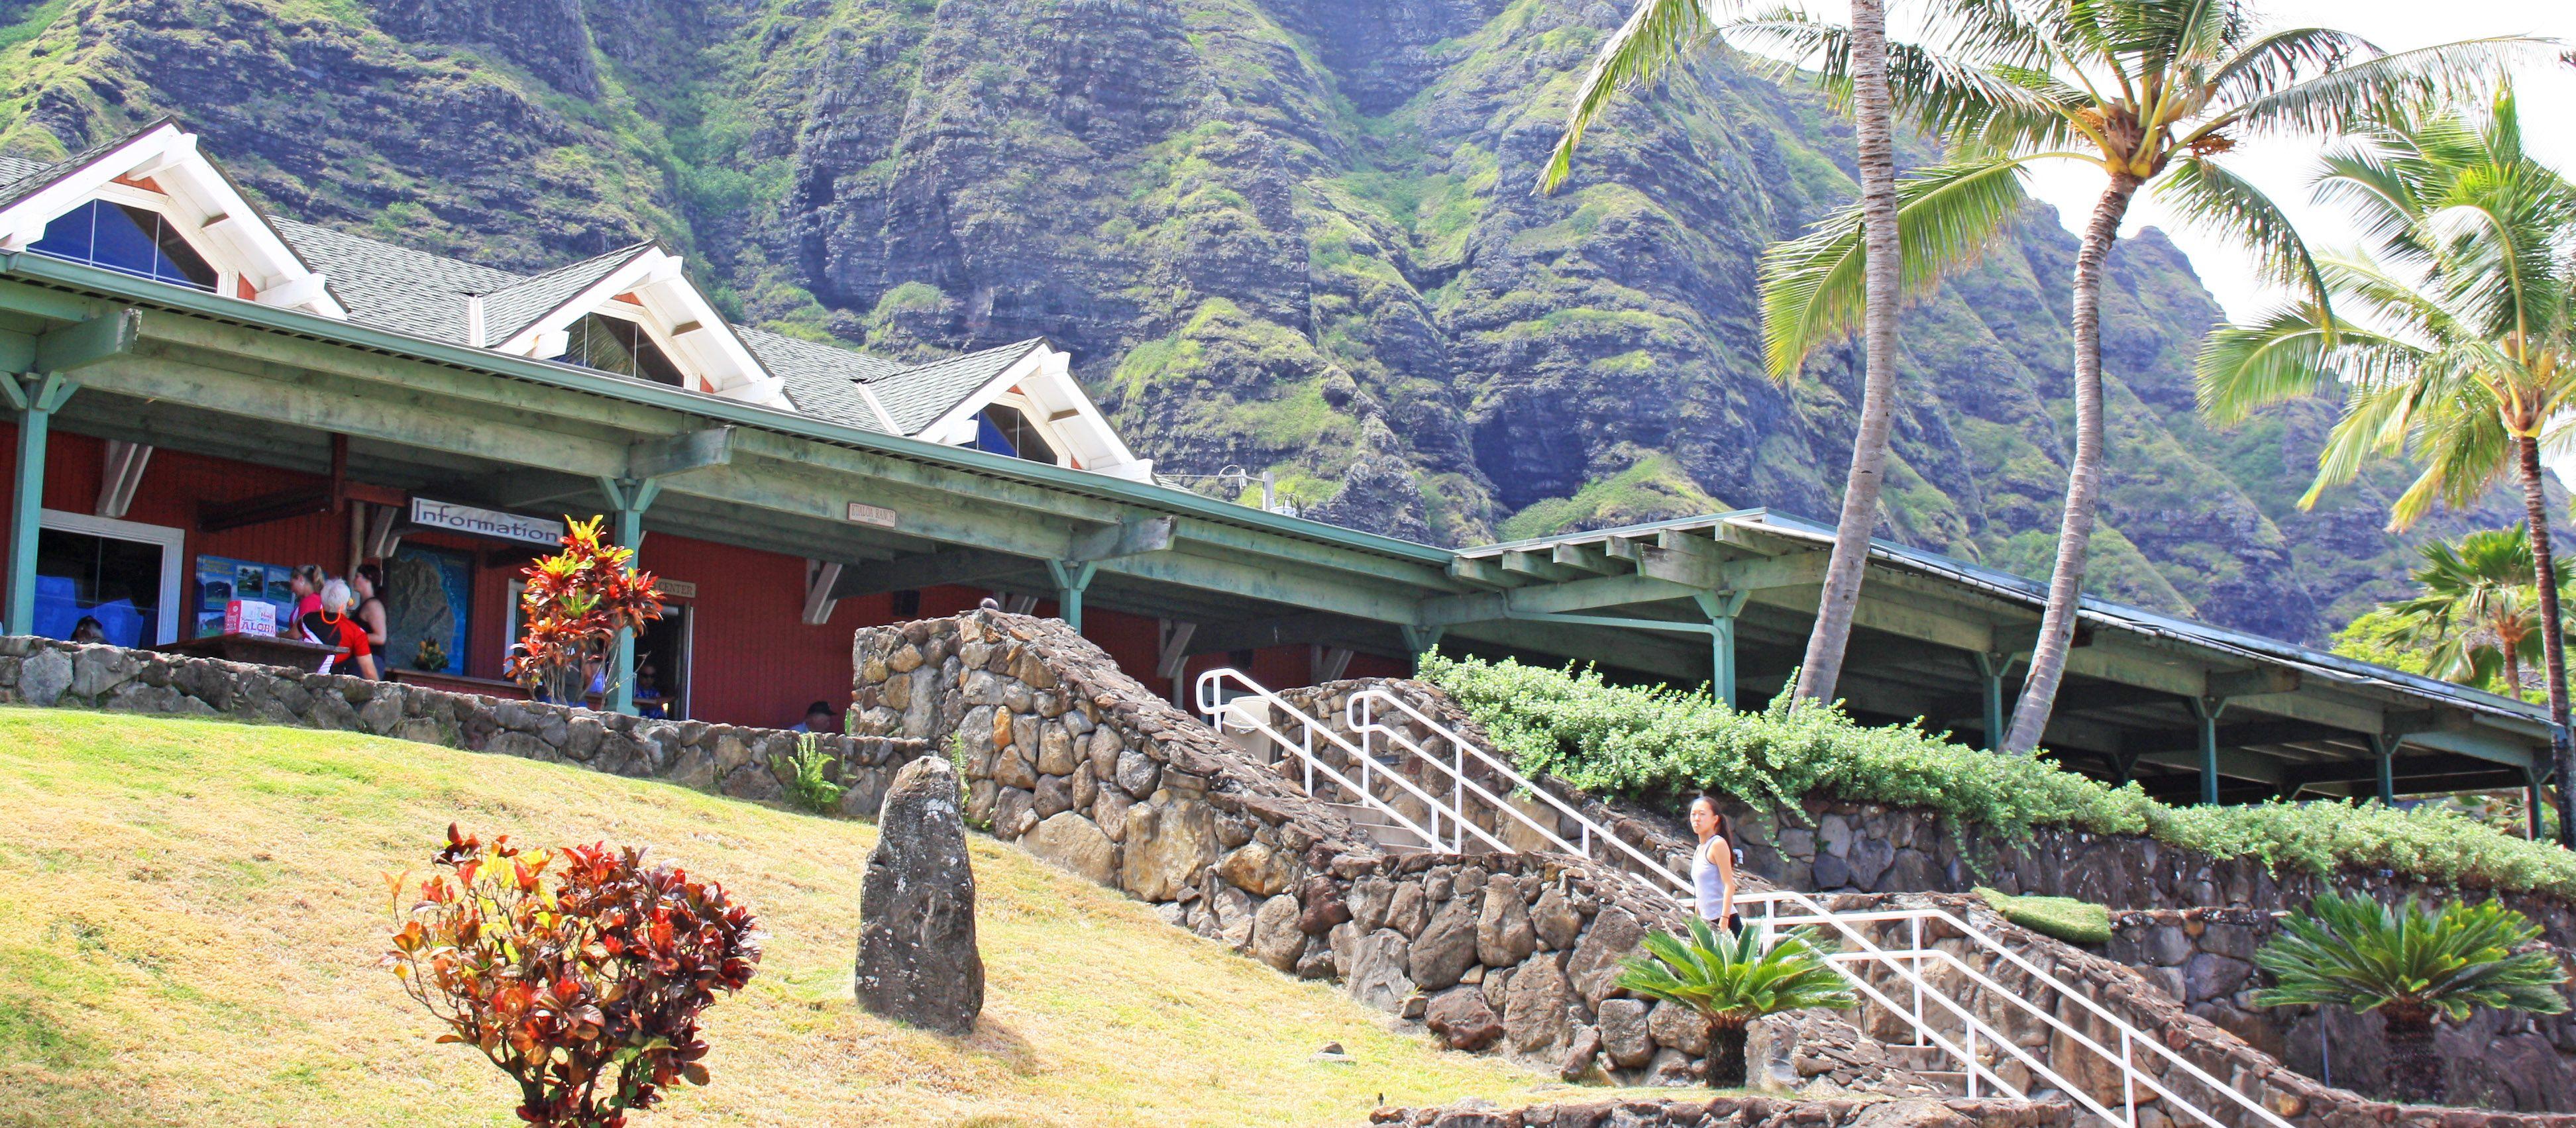 Kualoa Ranch, Oahu,HI